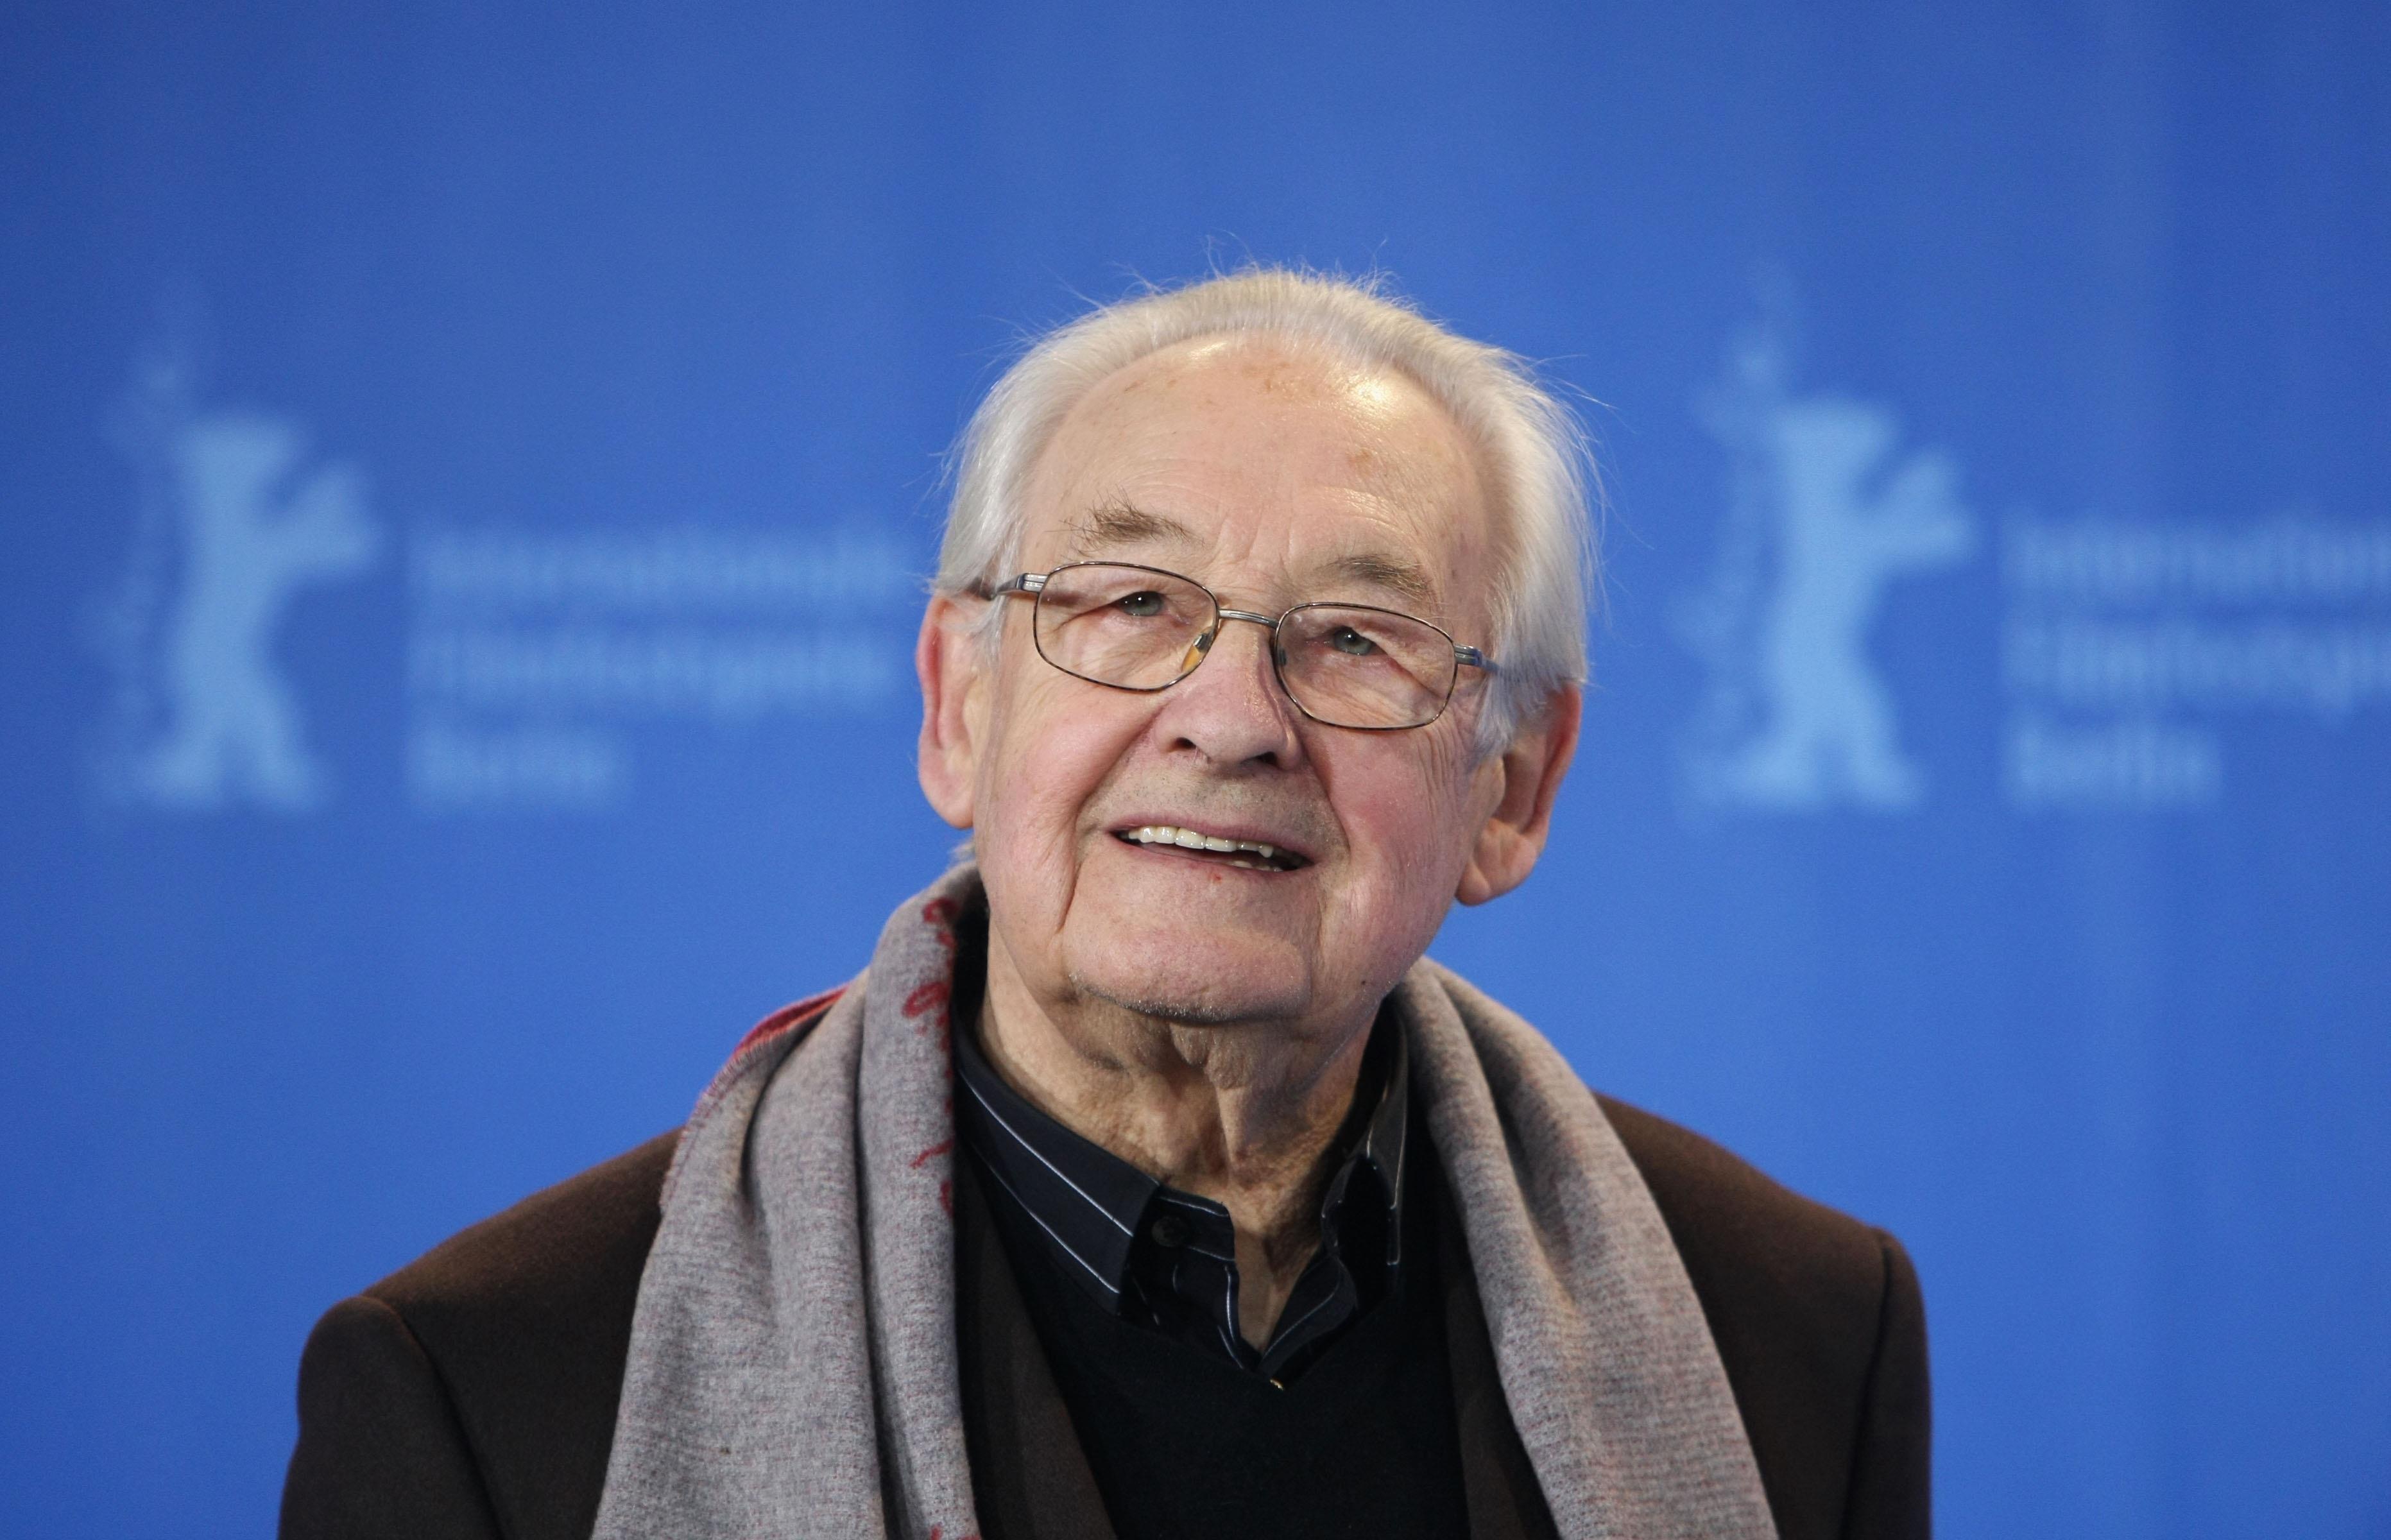 Wajda, il maestro che ha raccontato Solidarnosc e le vittime del comunismo